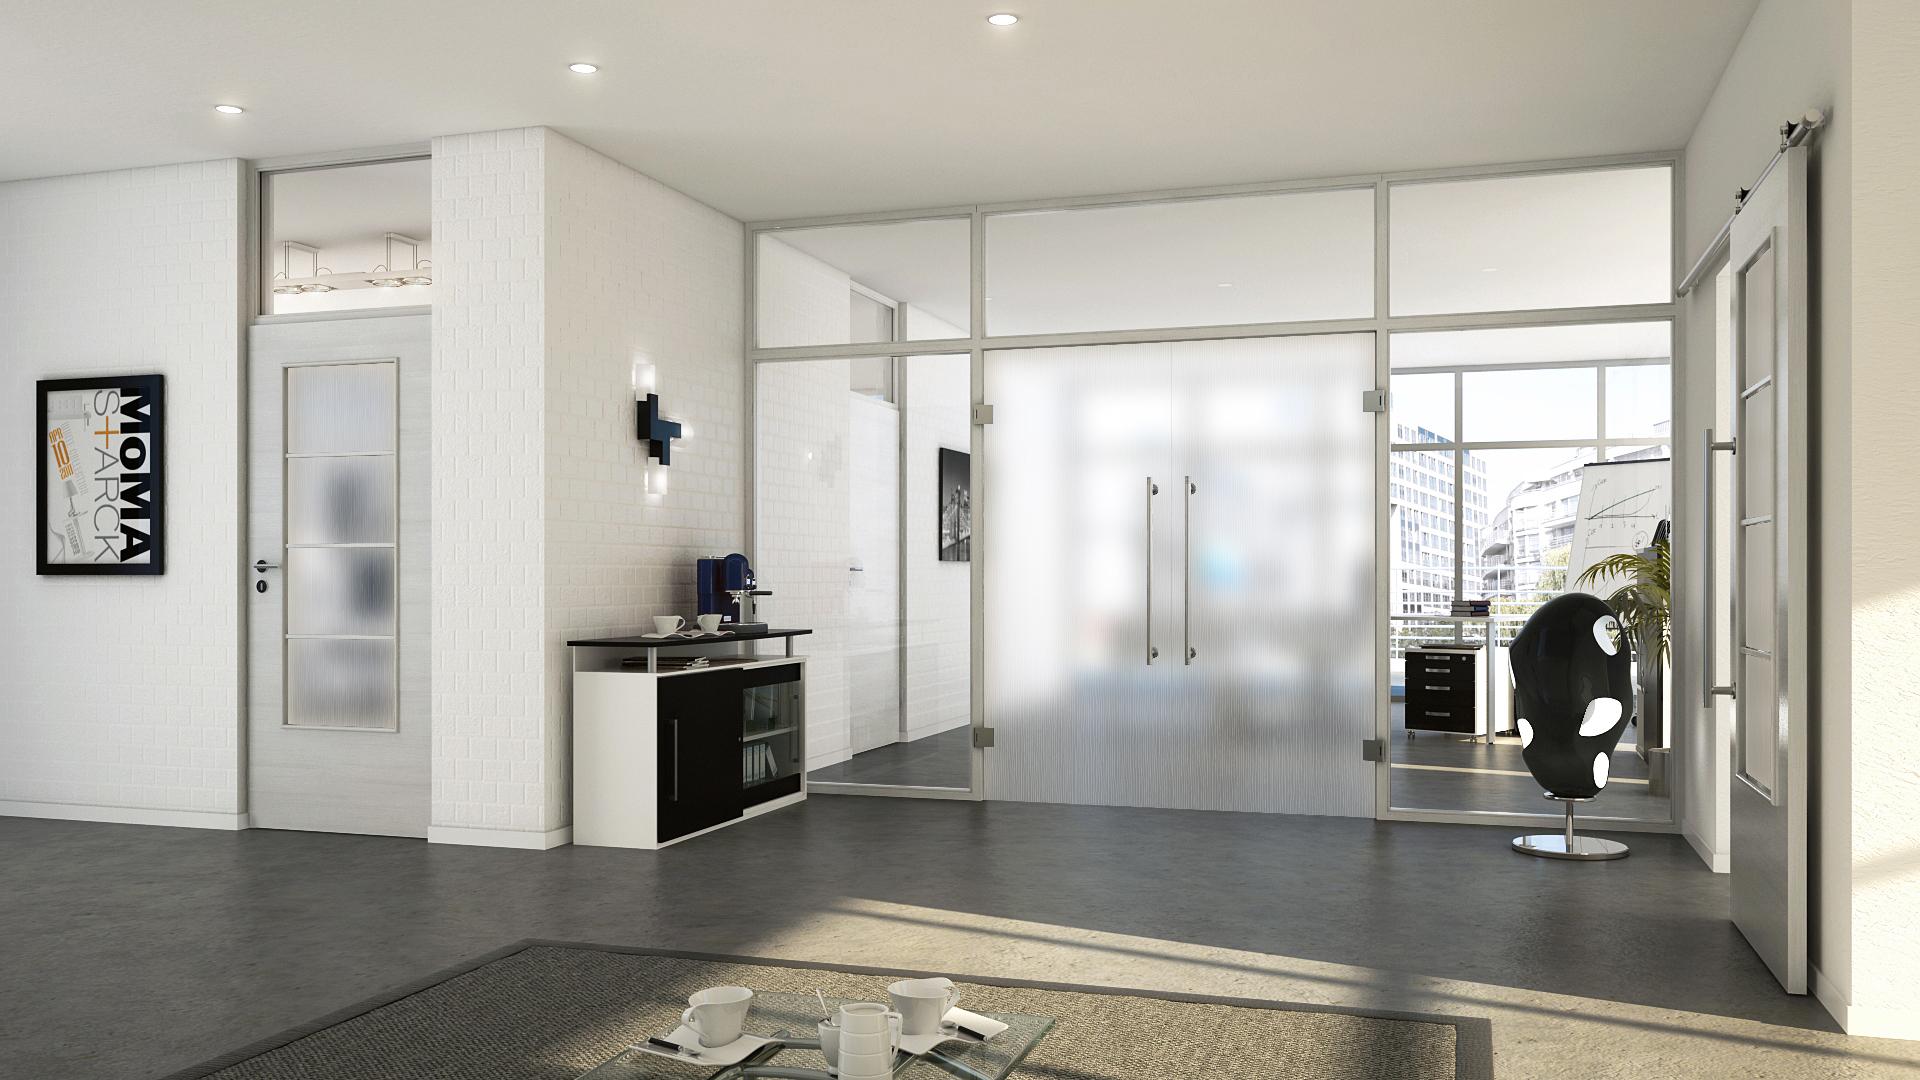 t ren aus glas sorgen f r eine helle und freundliche. Black Bedroom Furniture Sets. Home Design Ideas